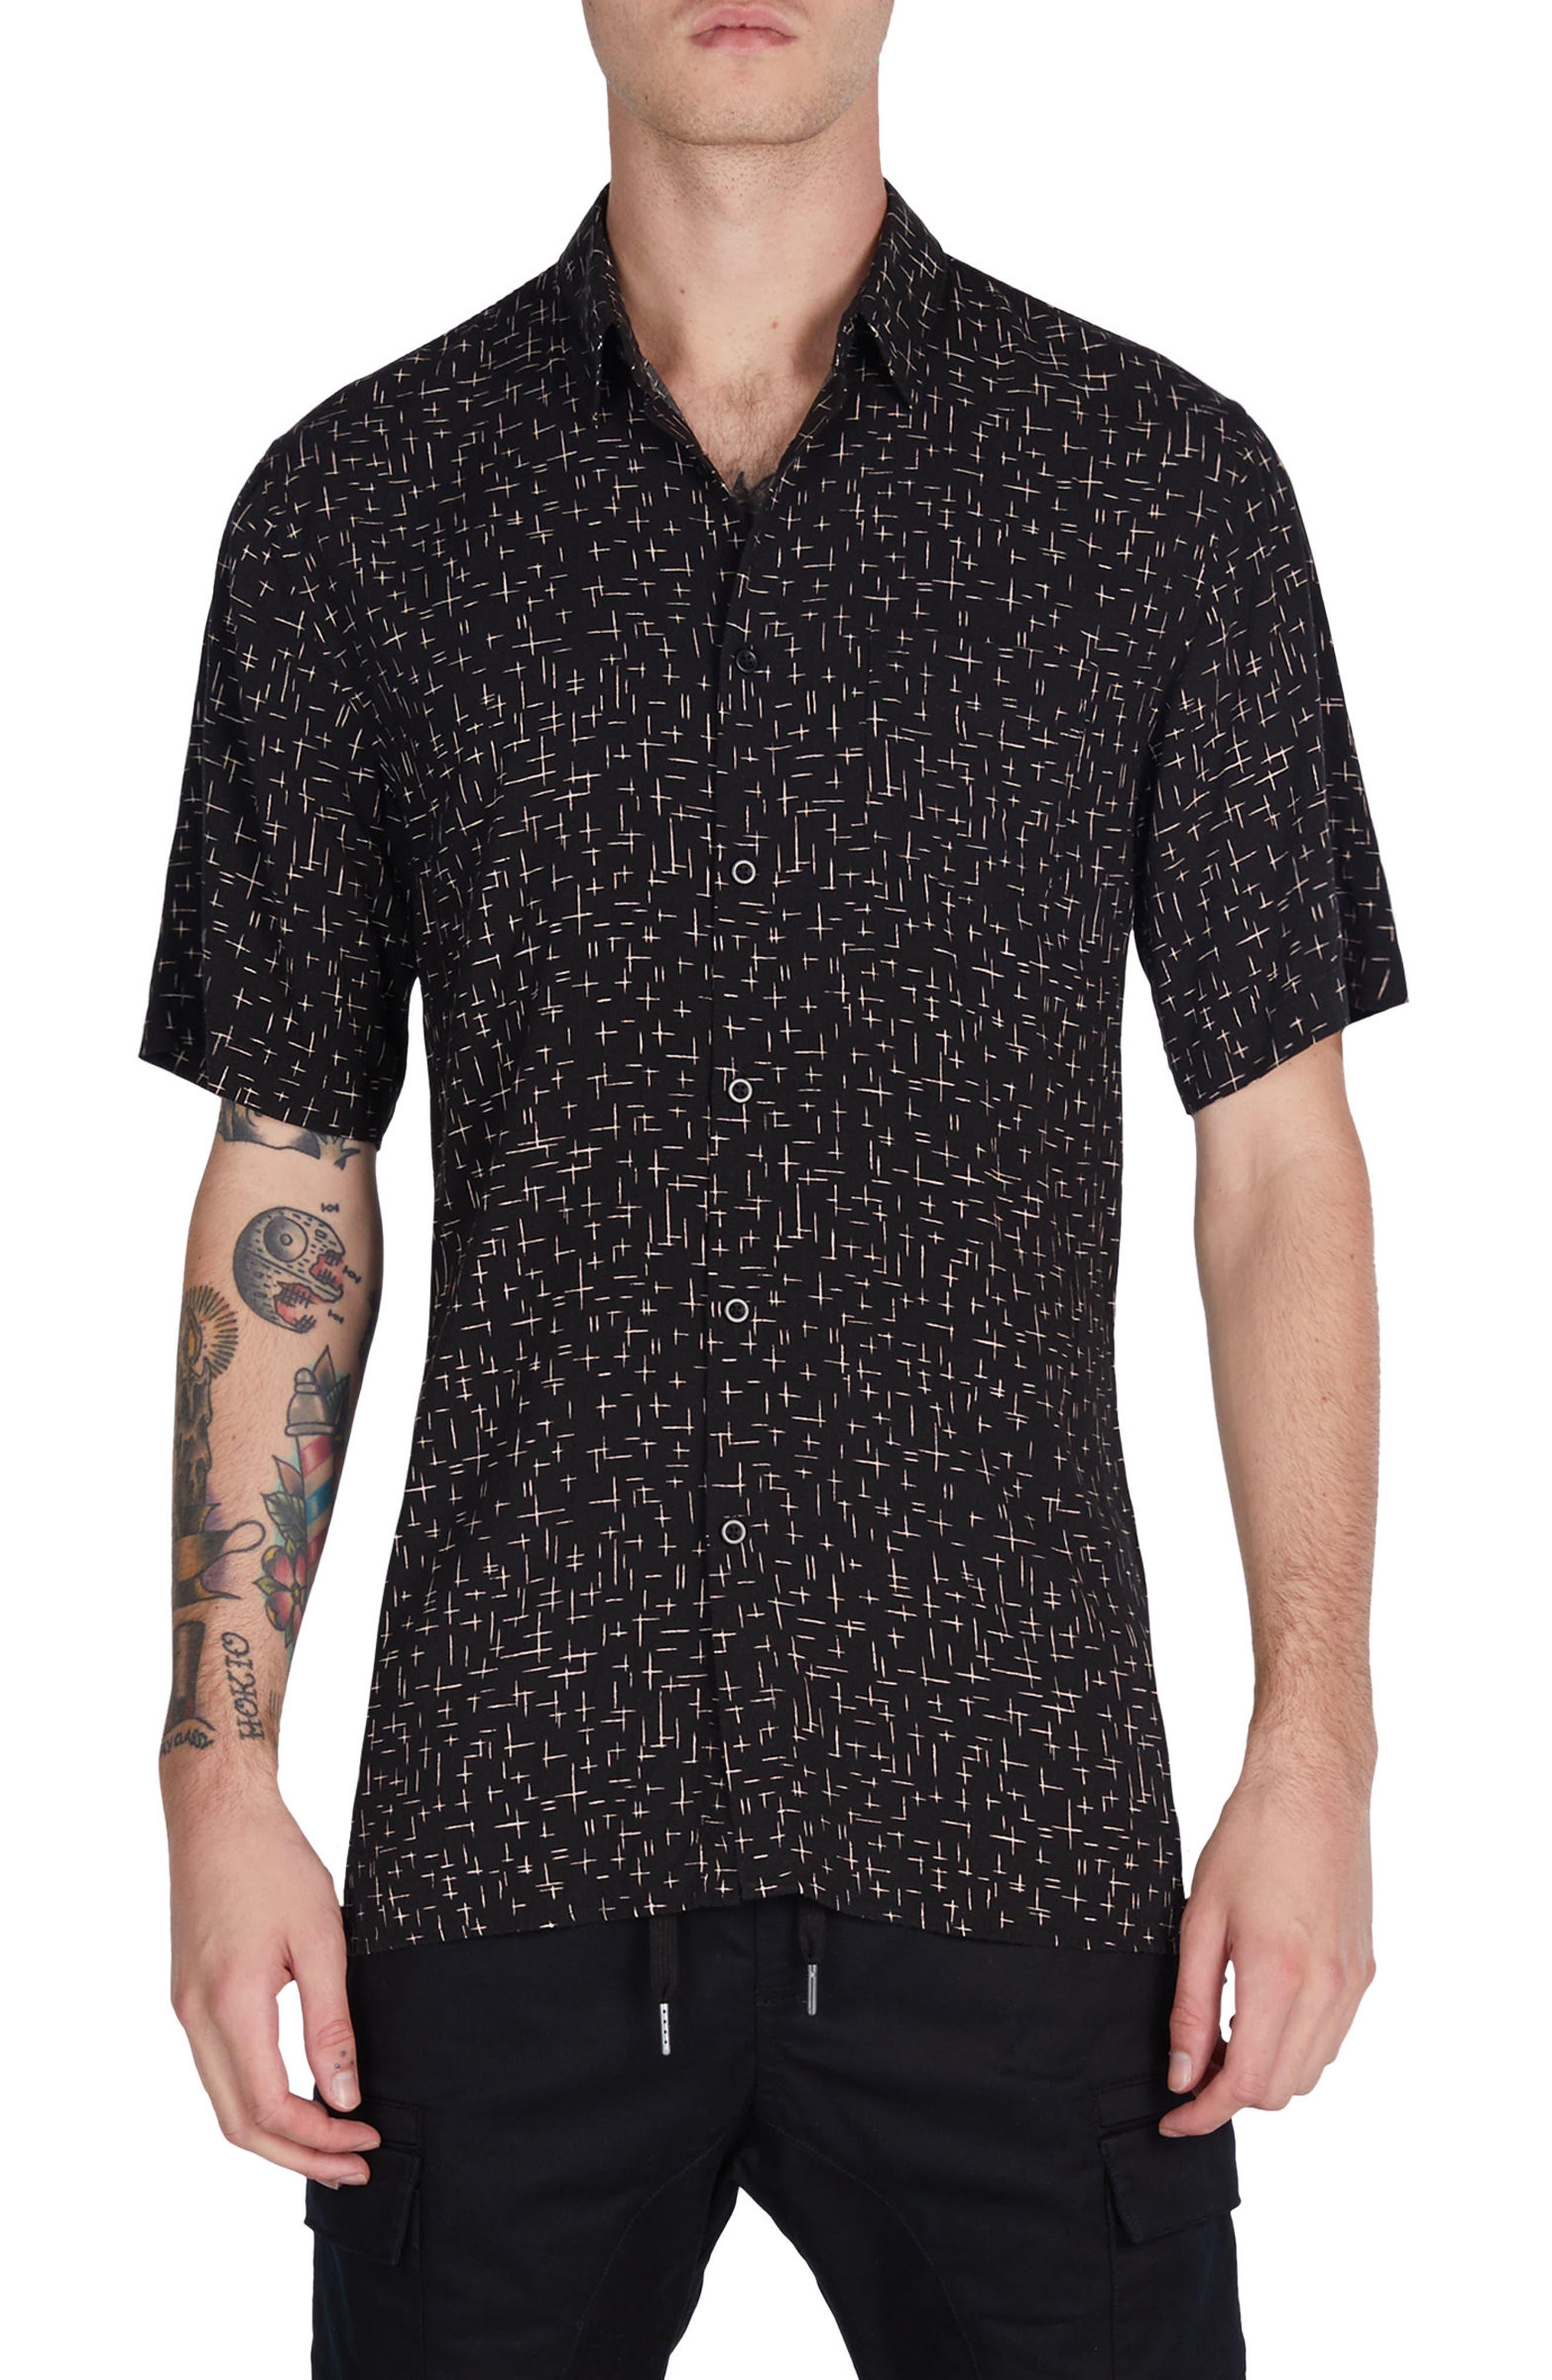 XCross Box Shirt,                             Main thumbnail 1, color,                             Black/ Quartz